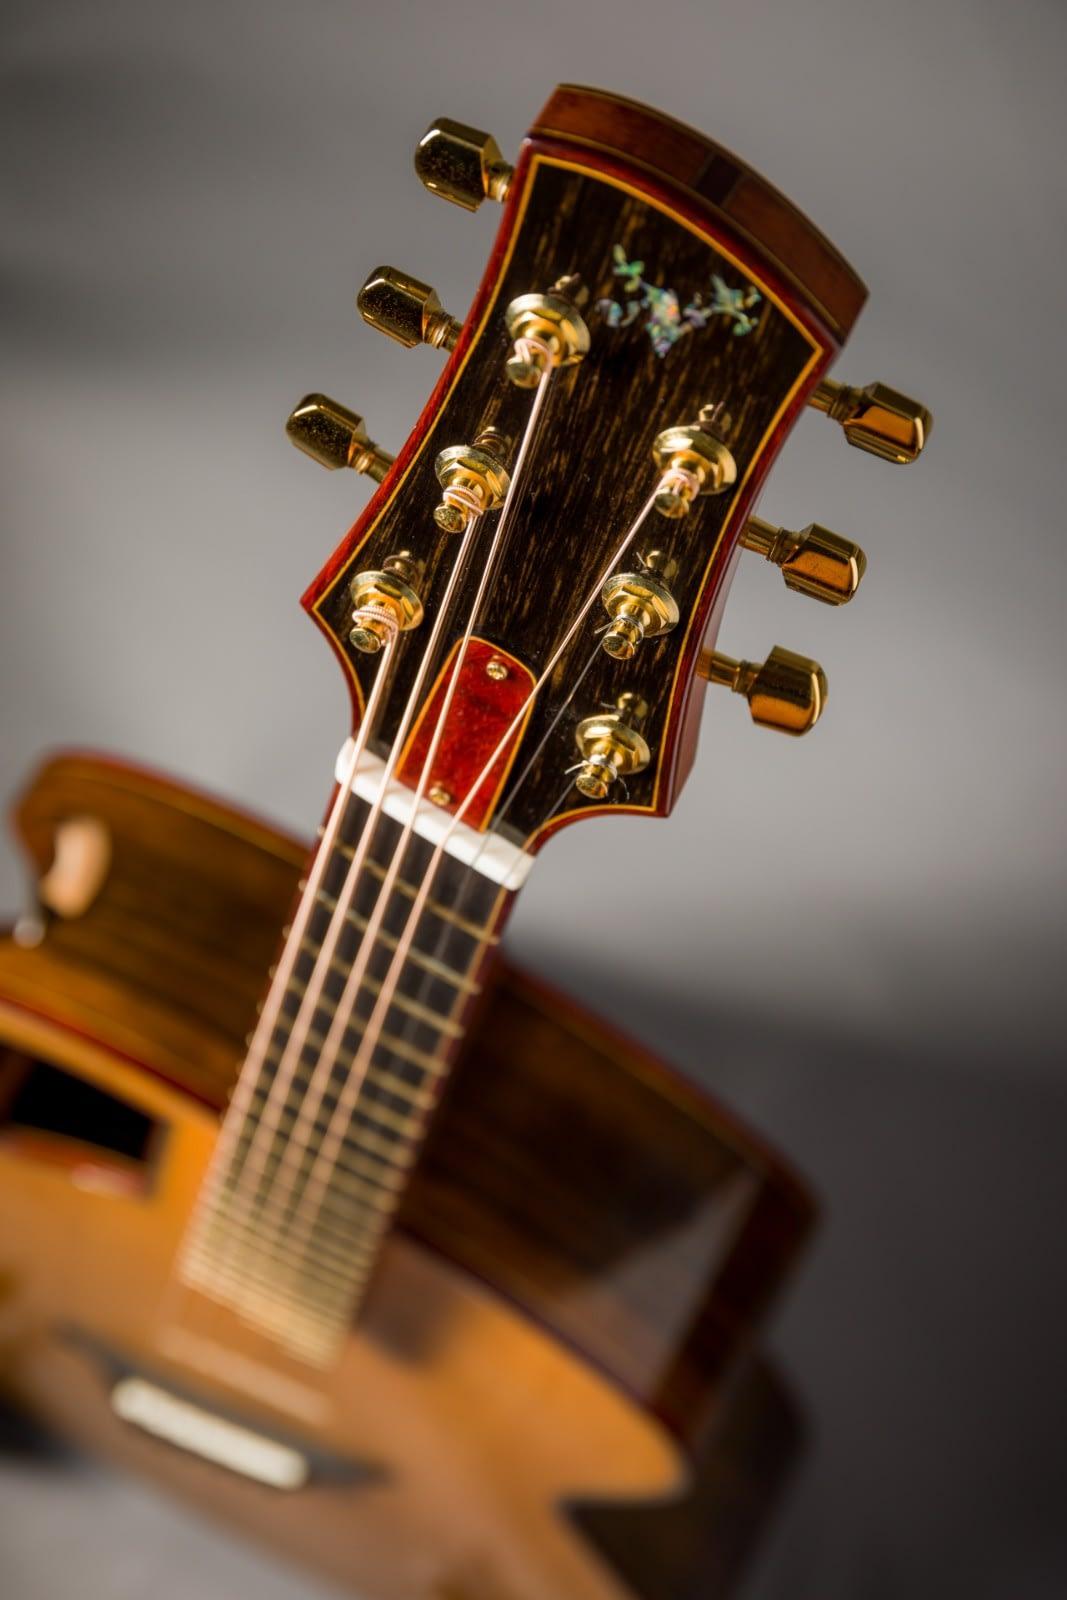 insight handmade guitar ebony headstock veneer abalone logo inlay padauk binding